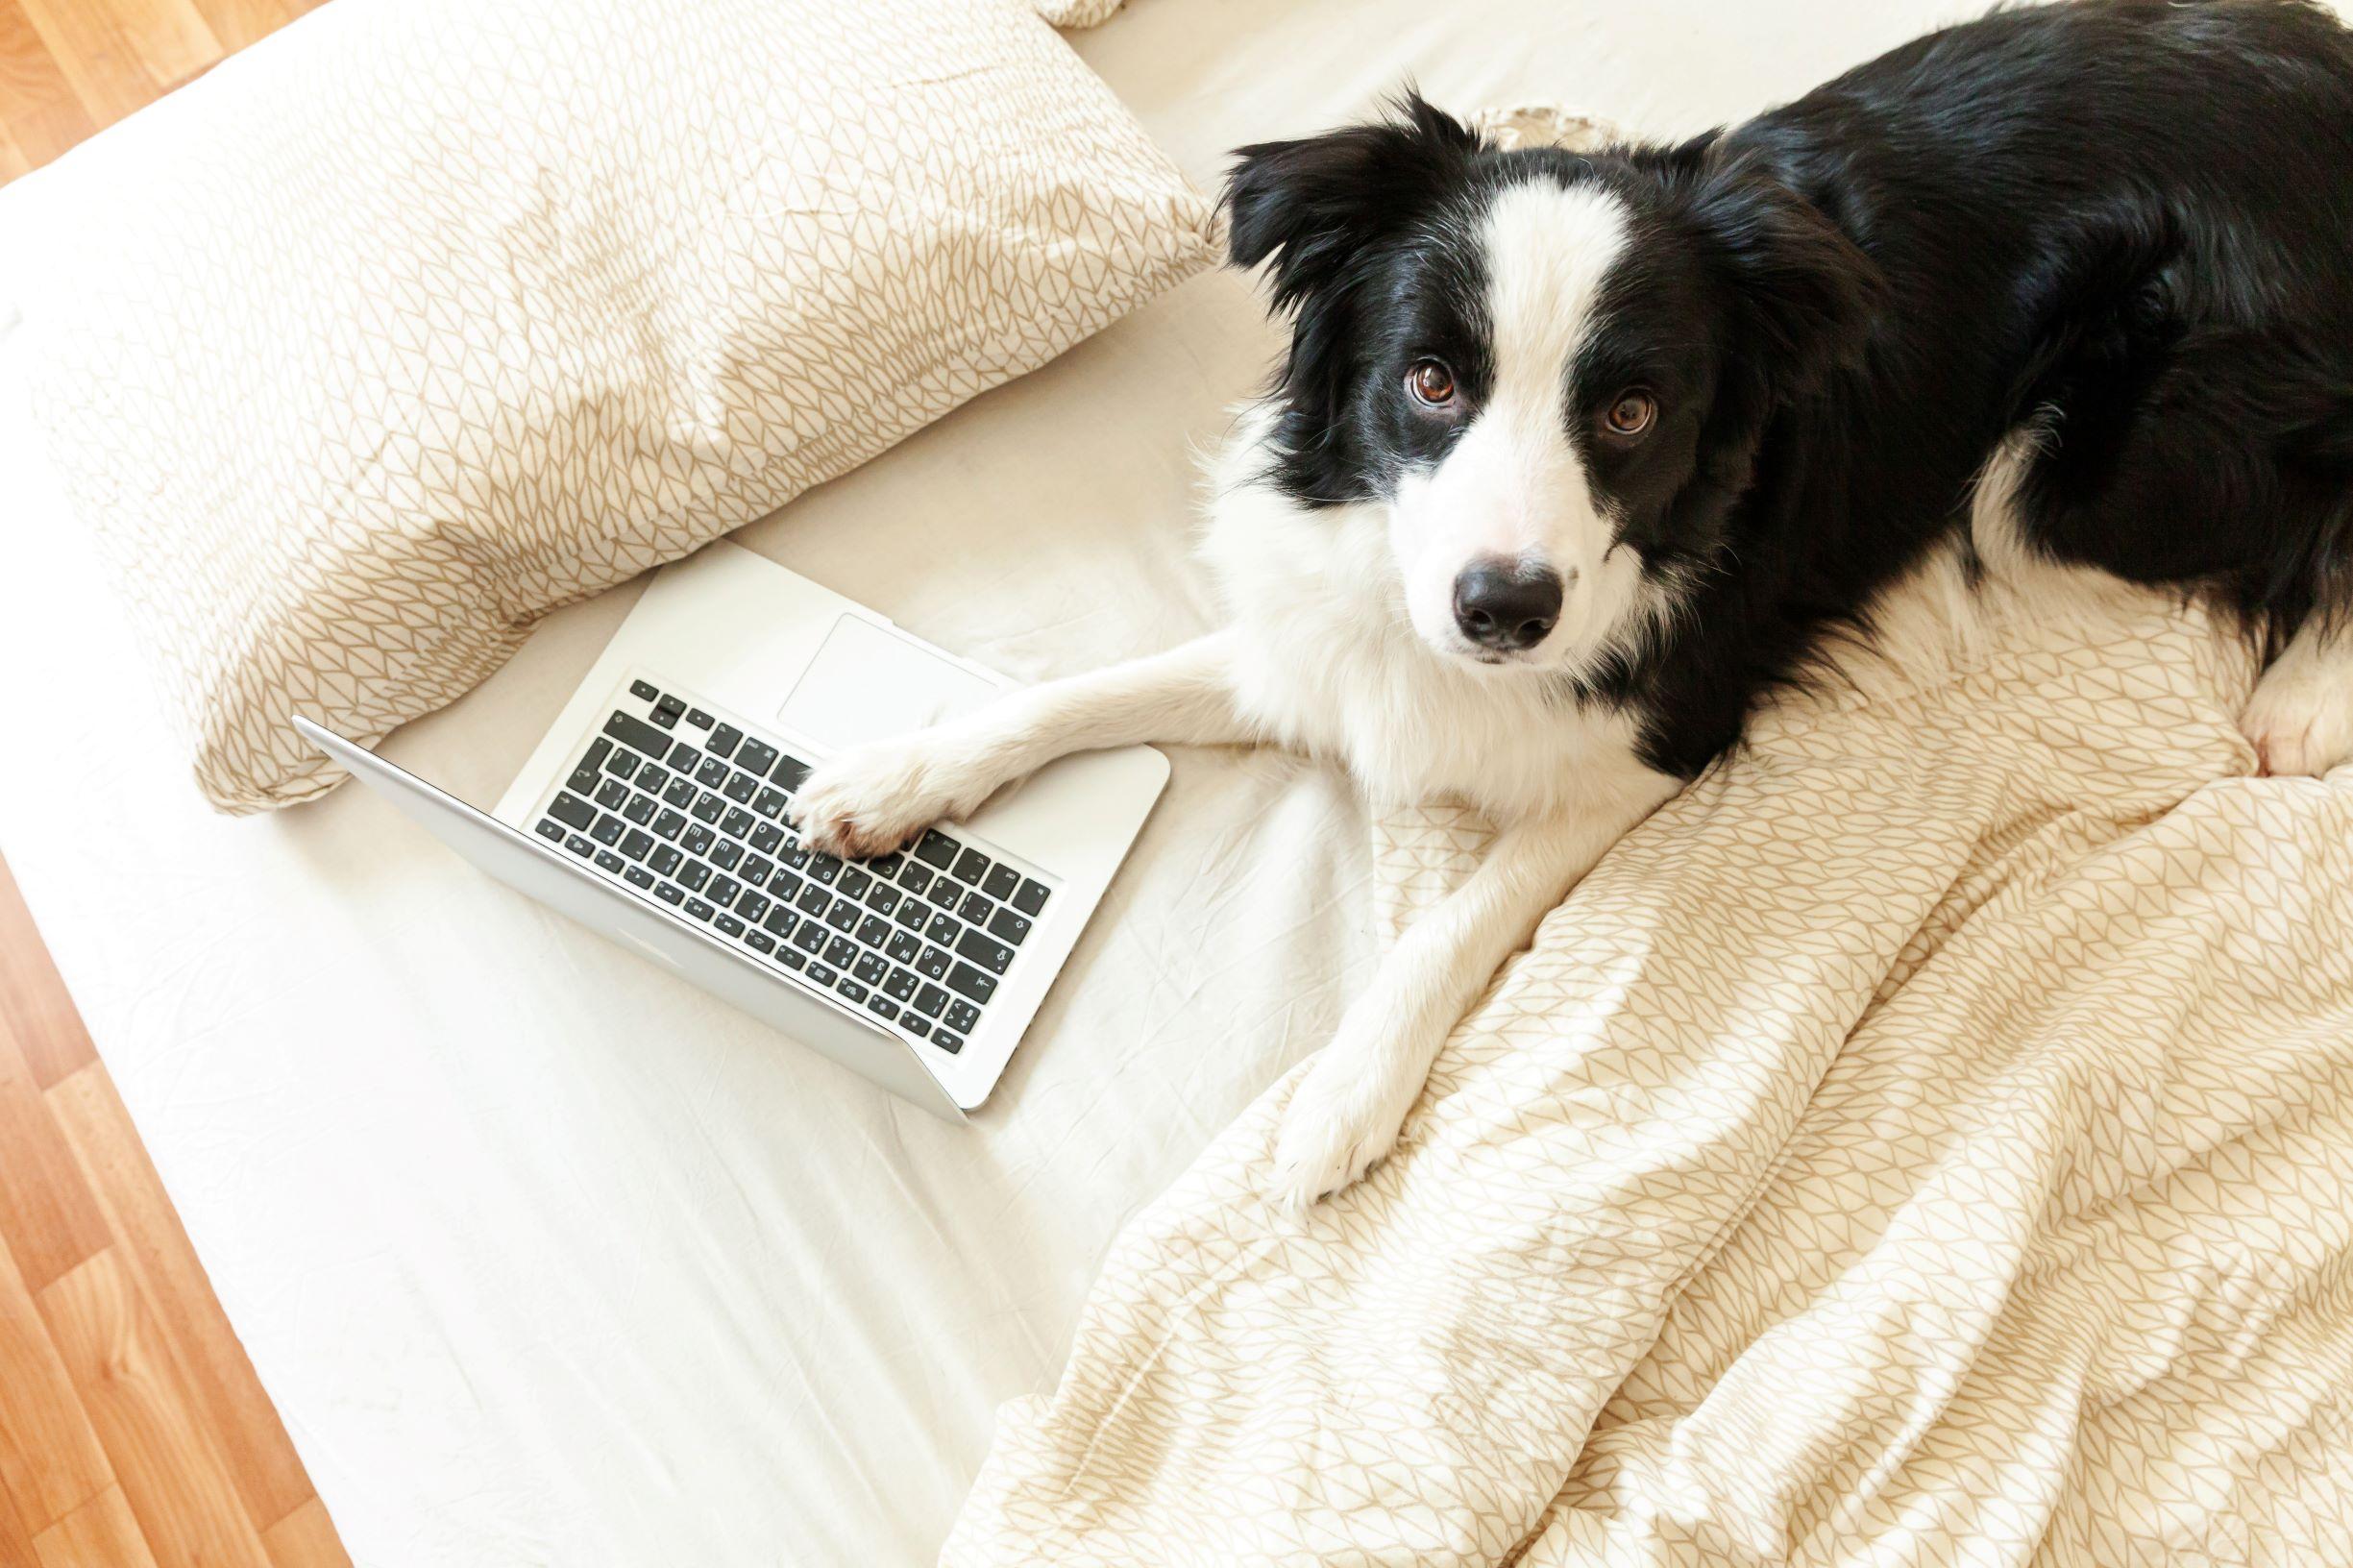 Chiot sur un lit avec un ordinateur portable